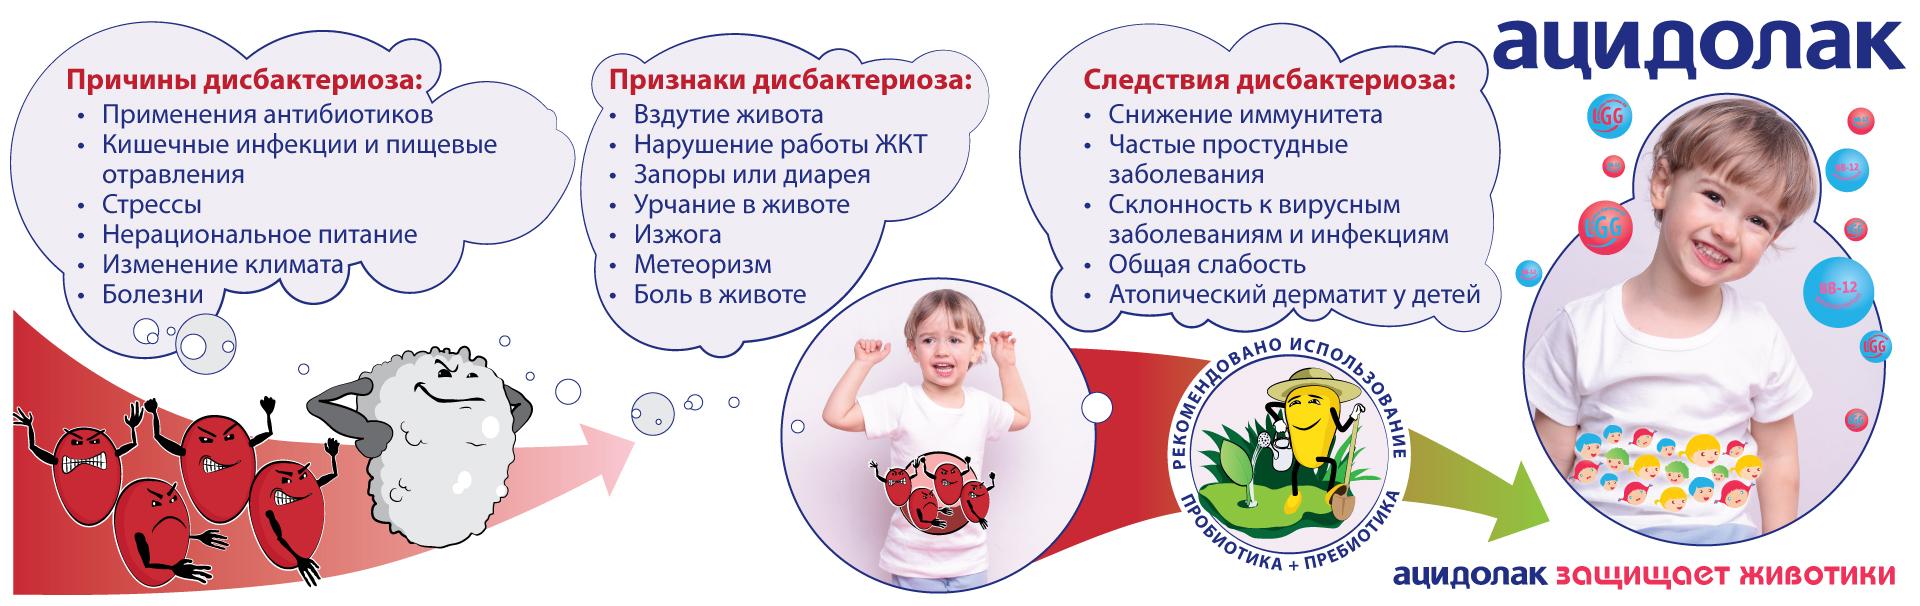 Как правильно лечить дисбактериоз кишечника у ребенка | малыш здоров!